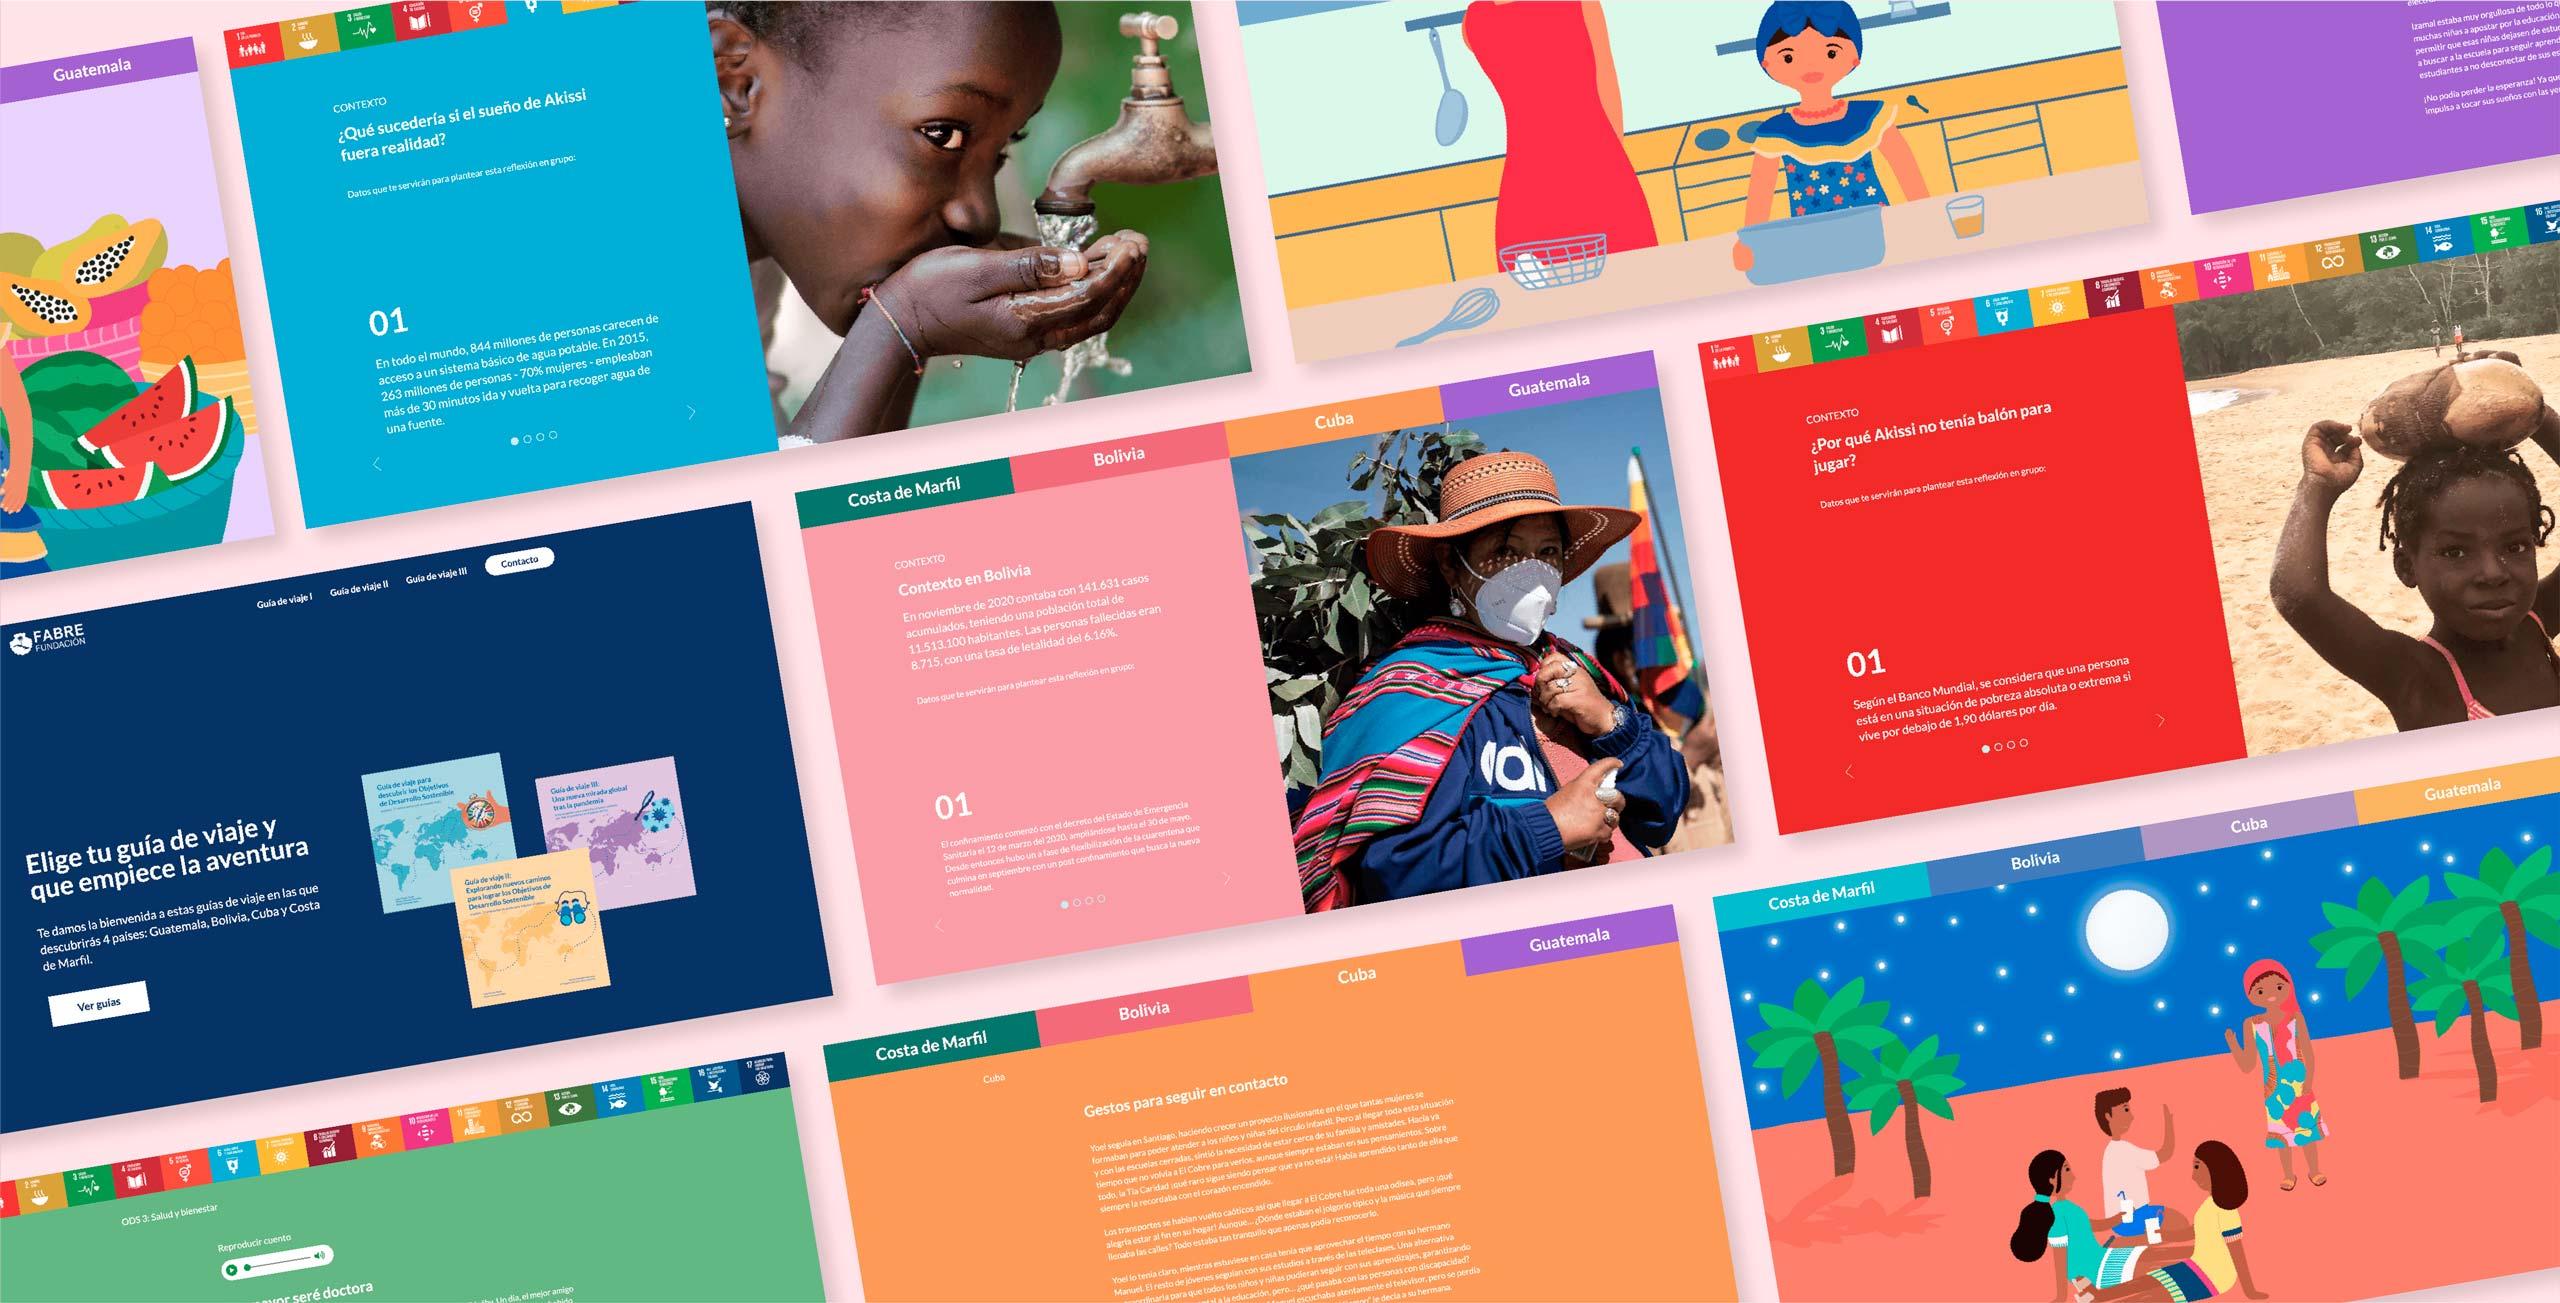 Imágenes de distintas secciones de la web